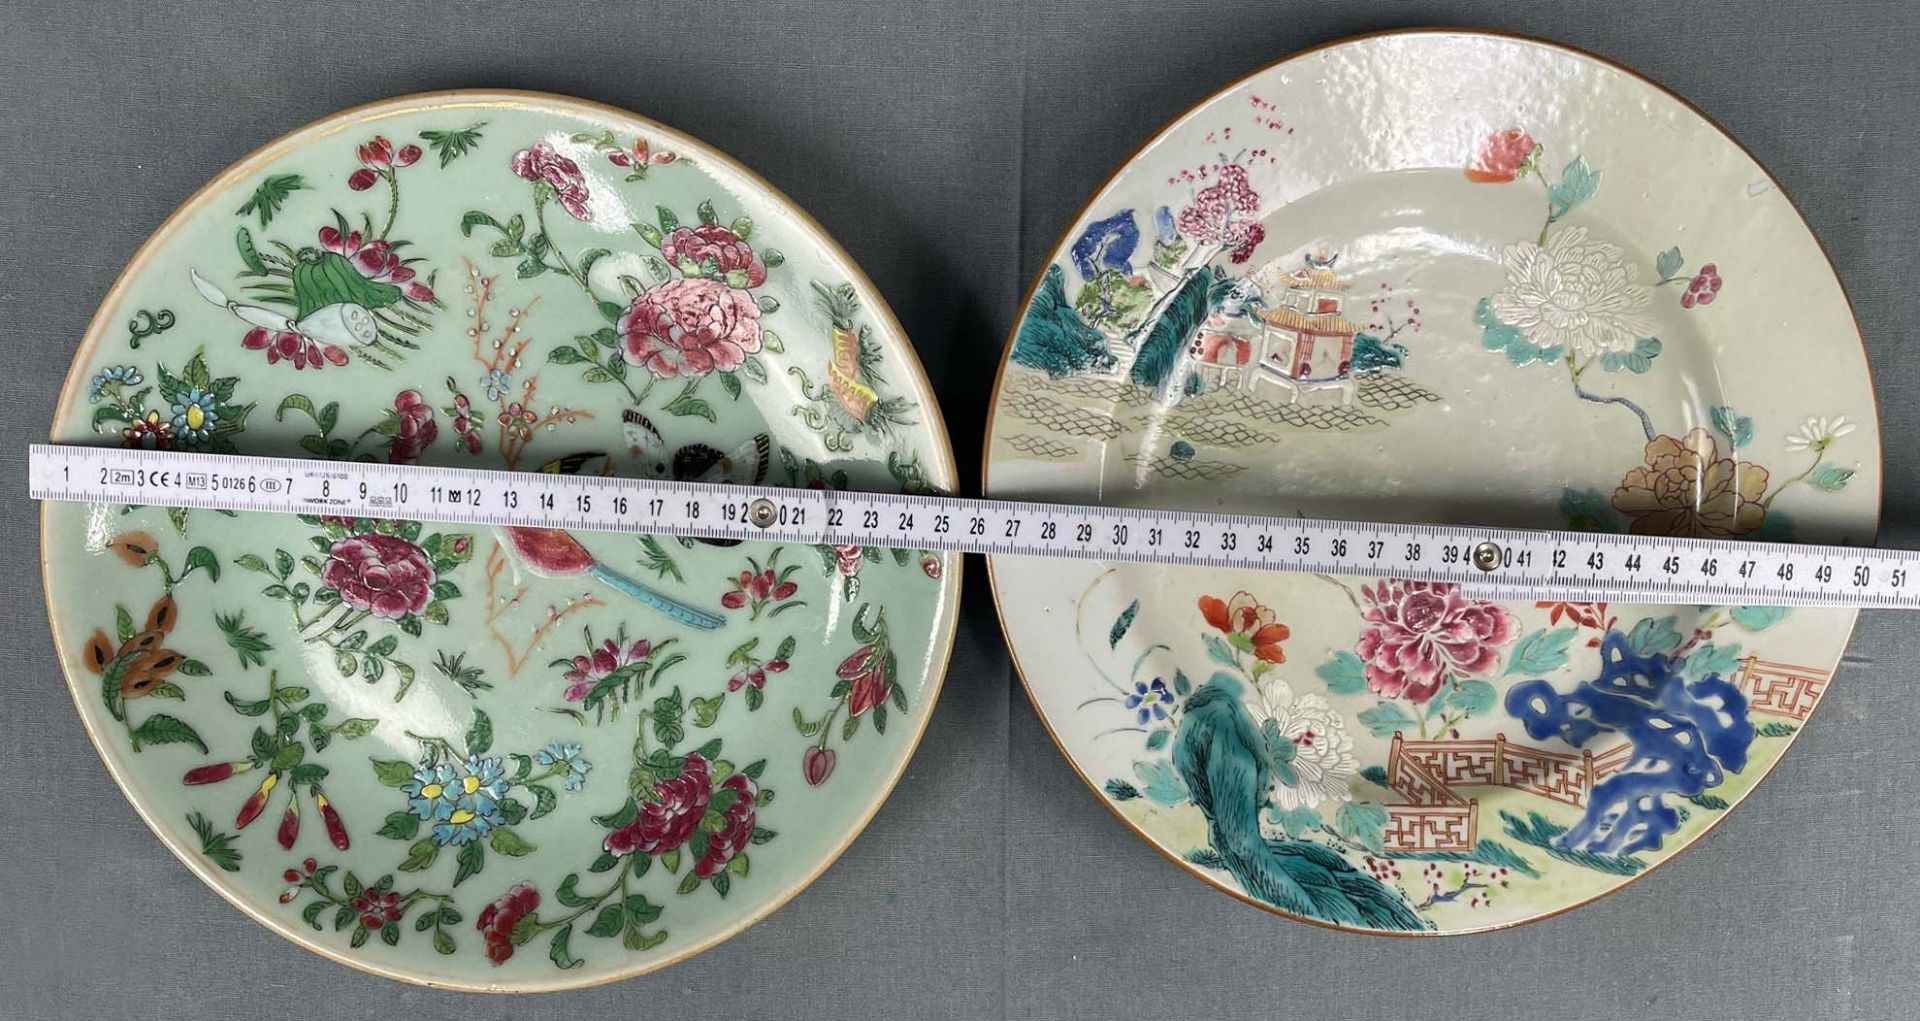 2 Platten. Porzellan. Wohl China antik. - Image 16 of 16